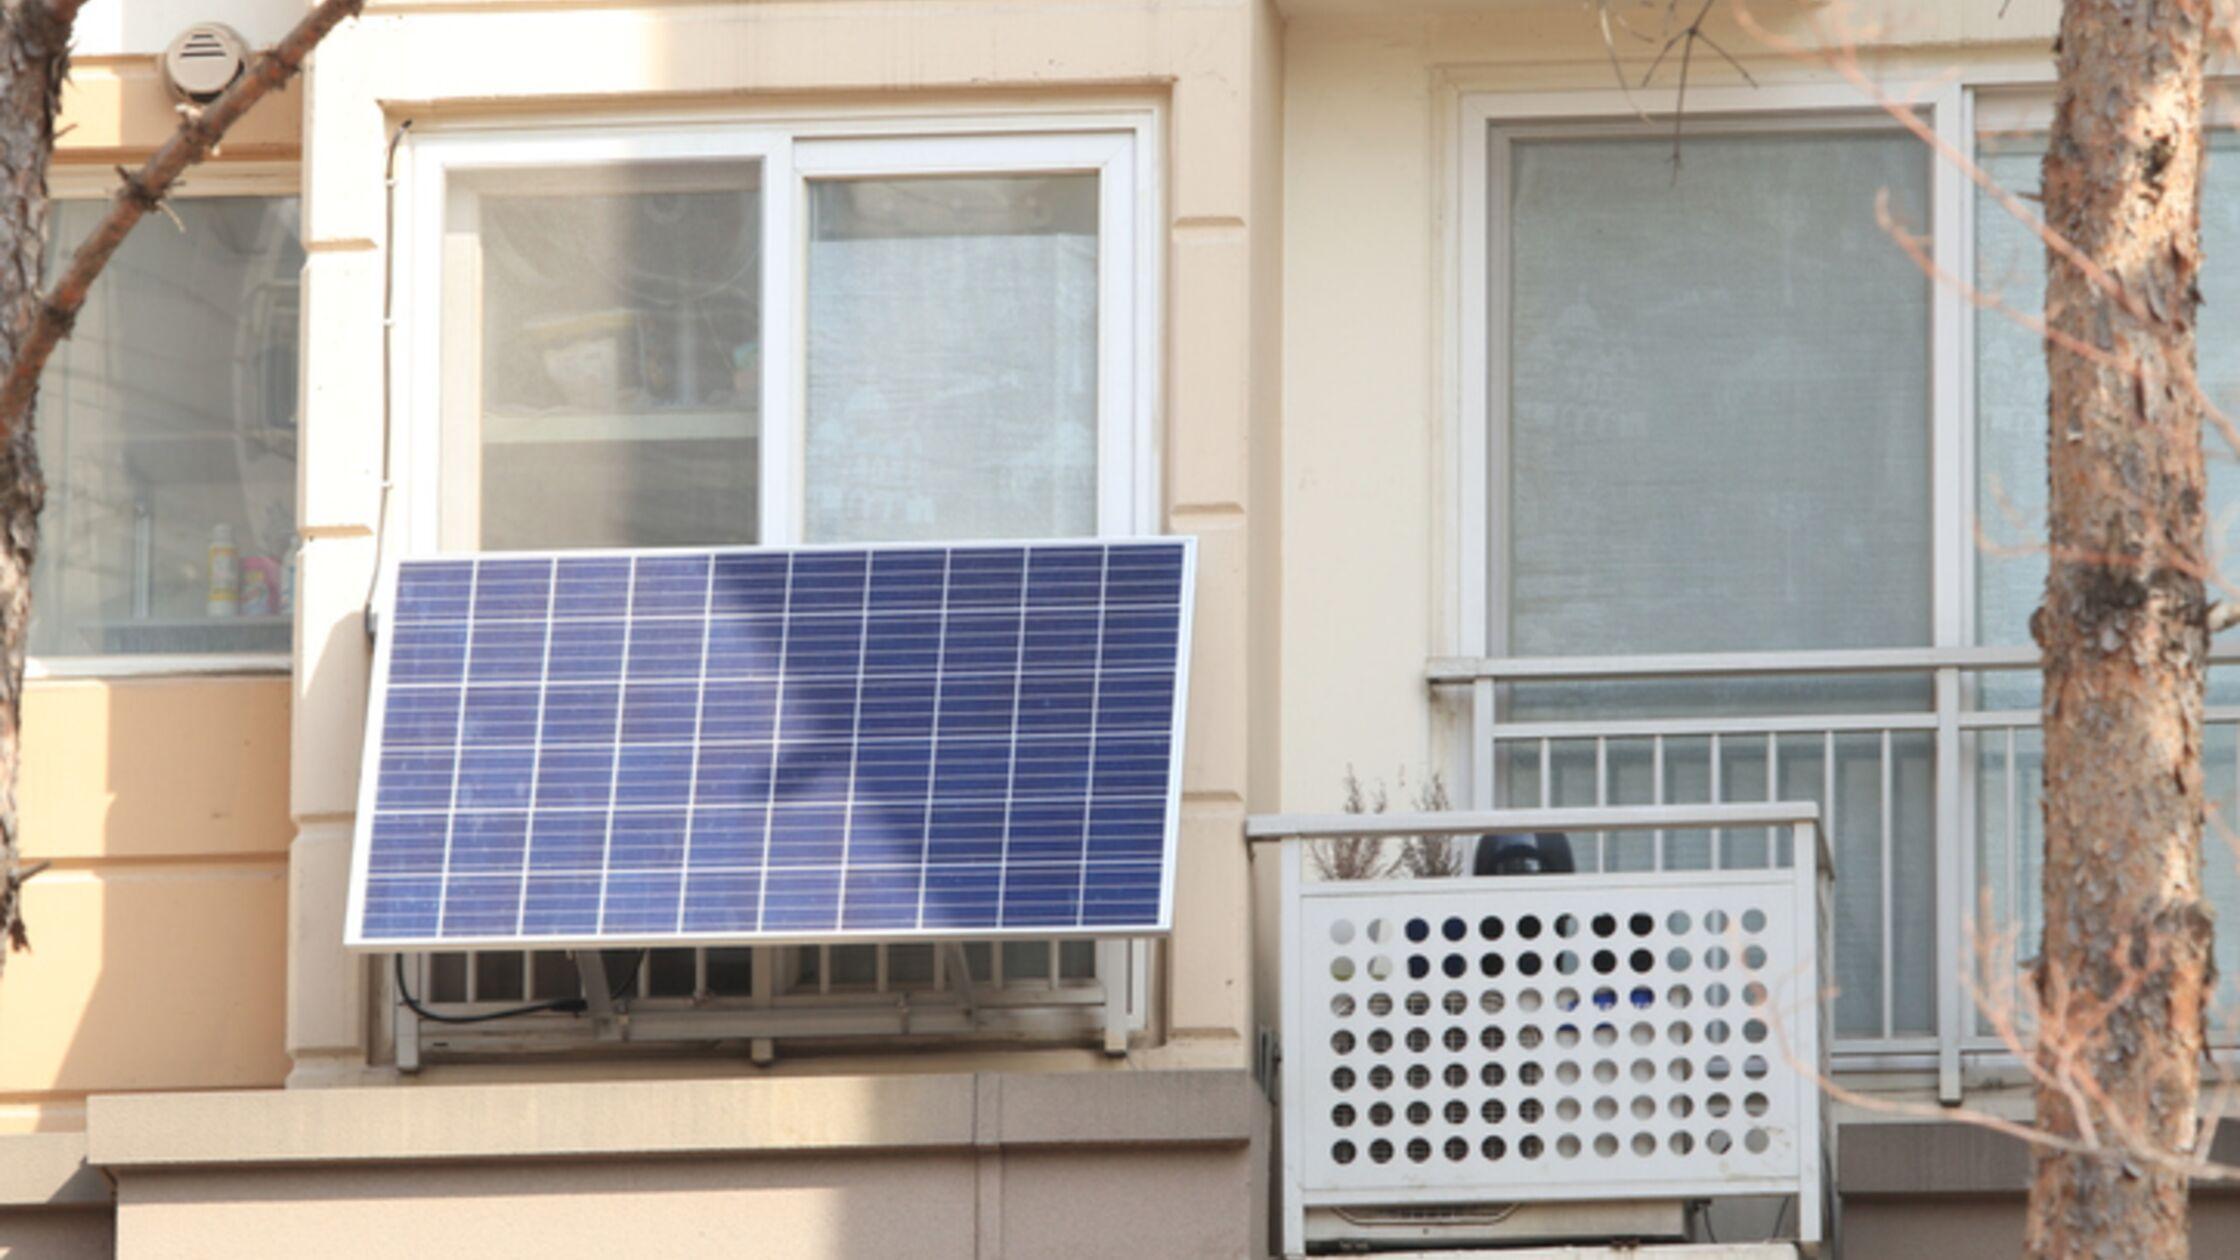 Stecker-Solargerät an Balkon